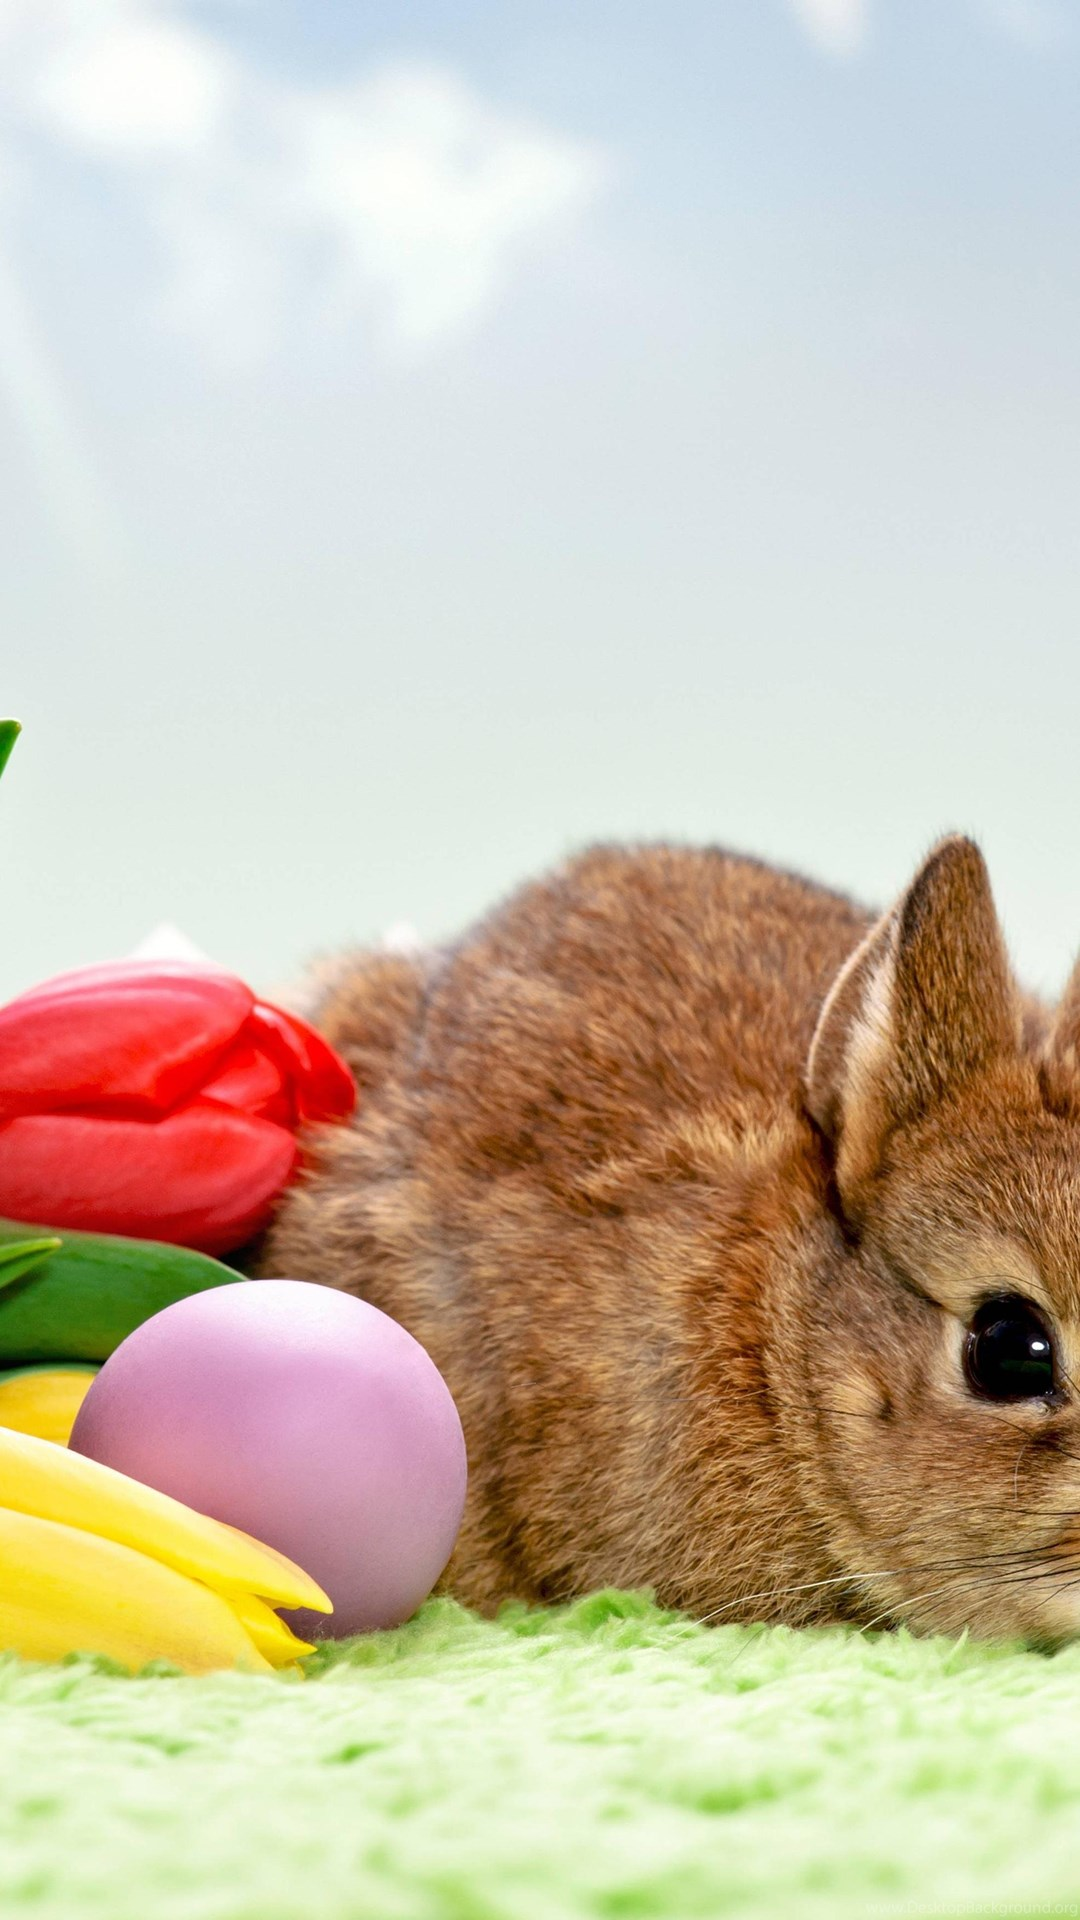 кролик с тюльпанами  № 1144607 бесплатно